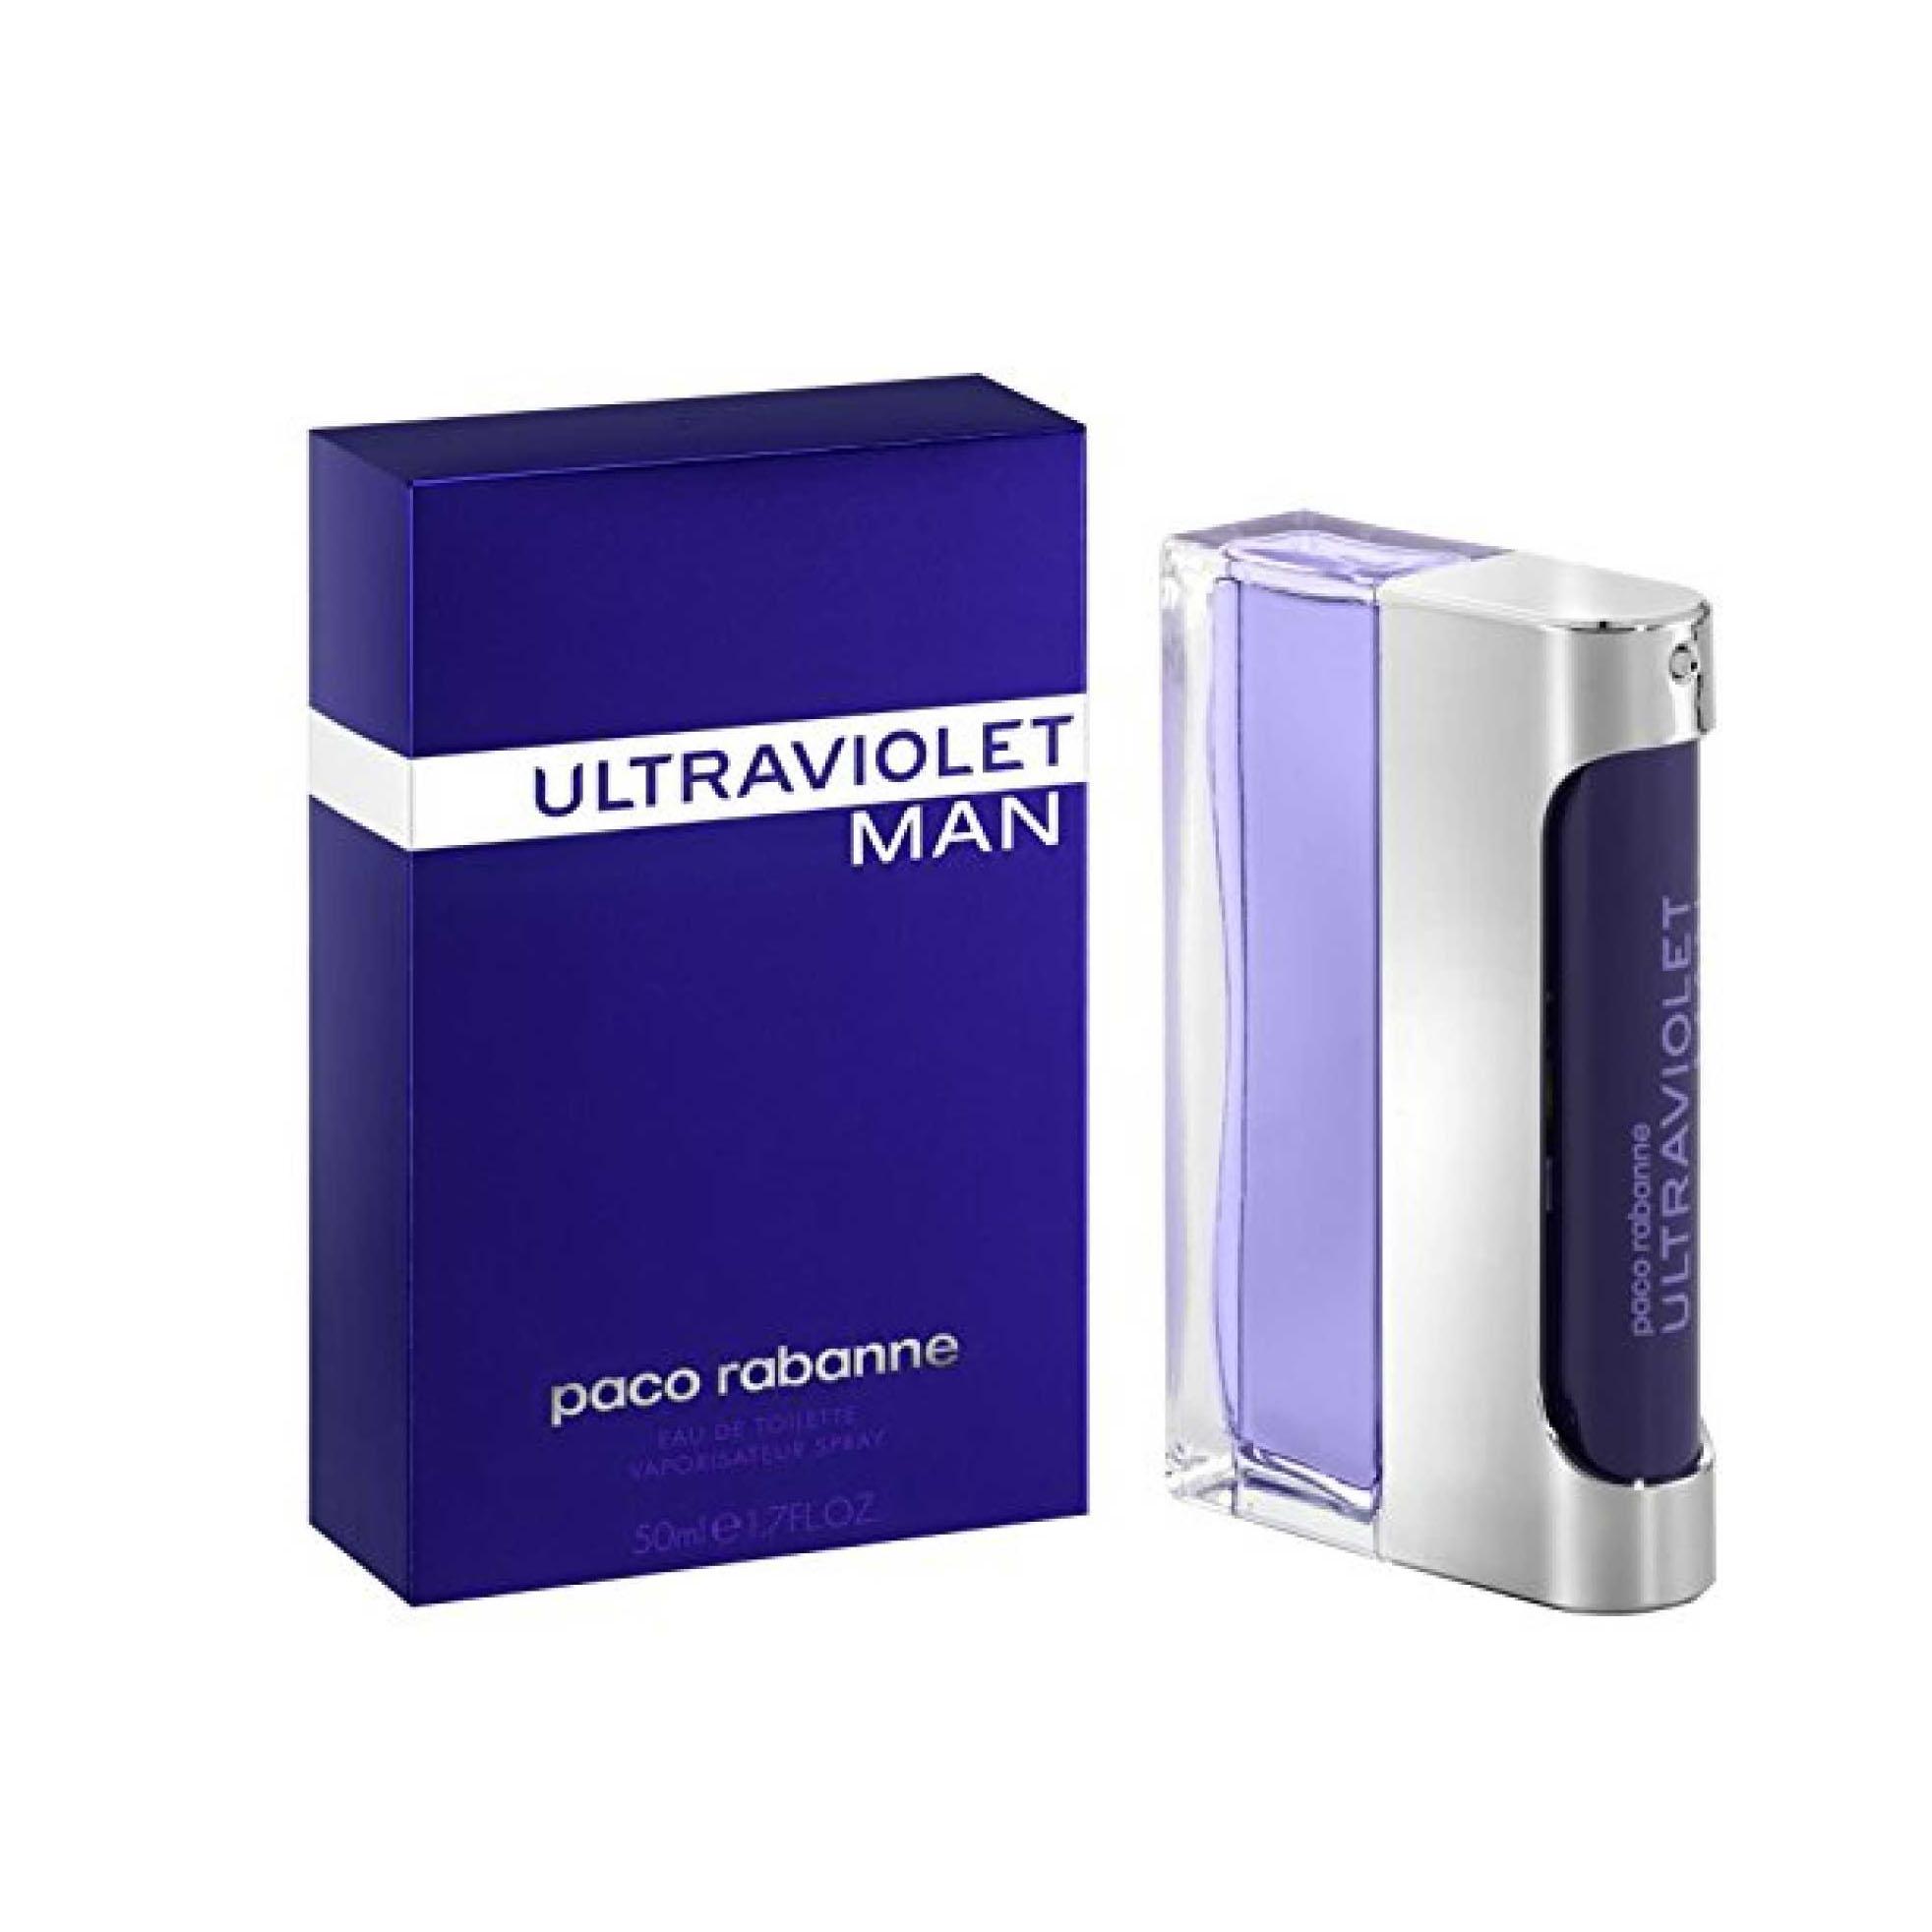 Paco rabanne ultraviolet man eau de toilette 50ml vaporizador